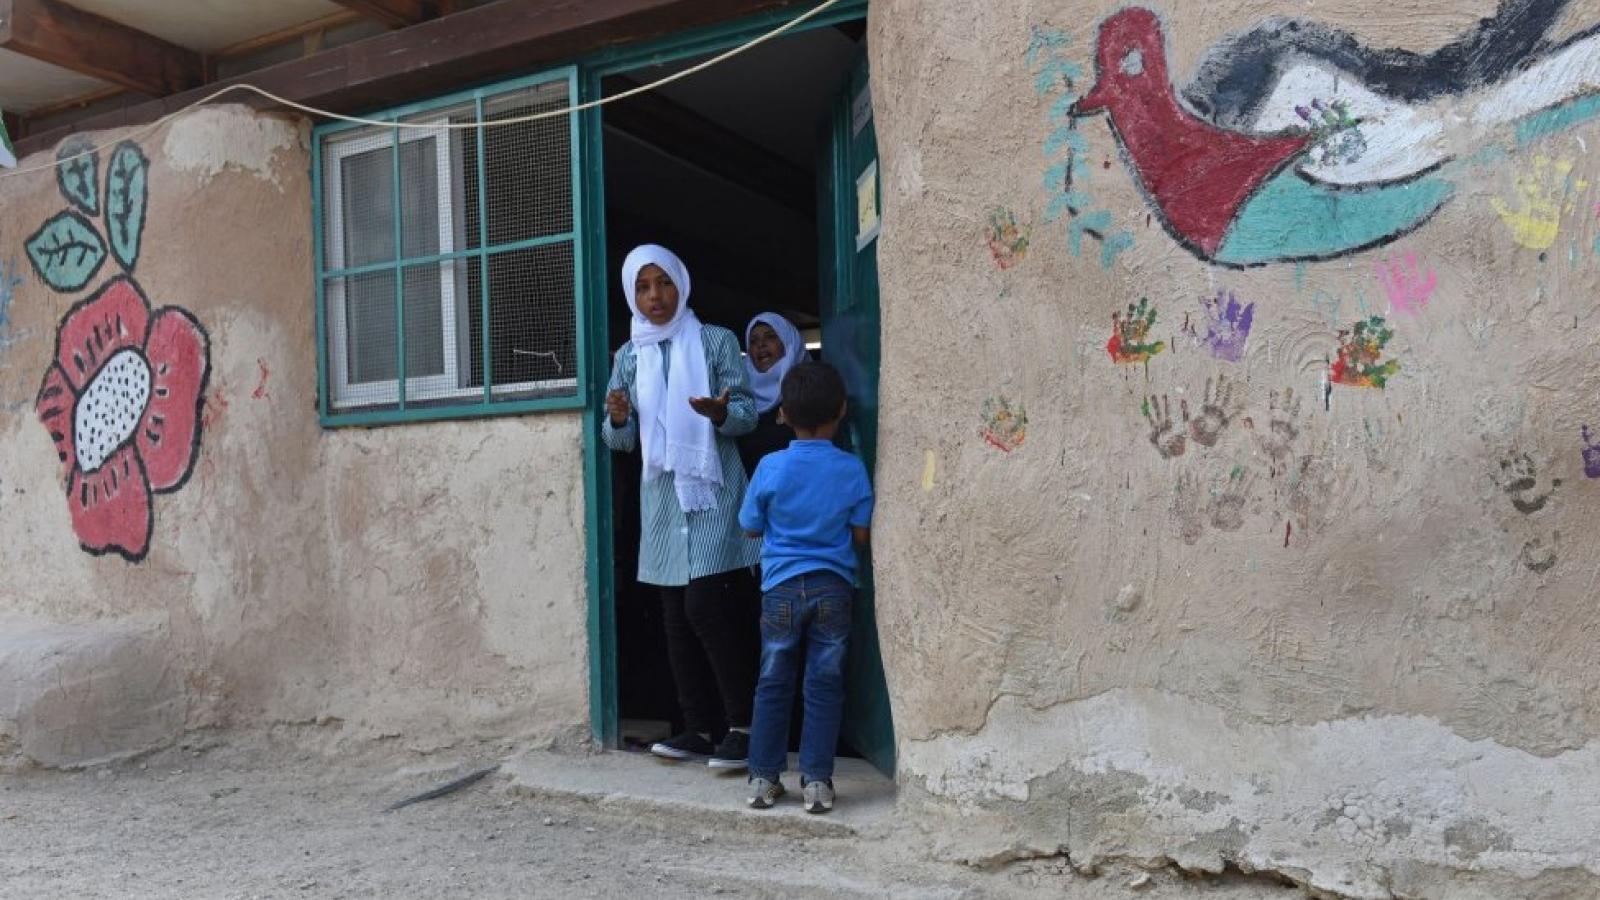 UNICEF: Tác động khôn lường của đại dịch Covid-19 tới giáo dục